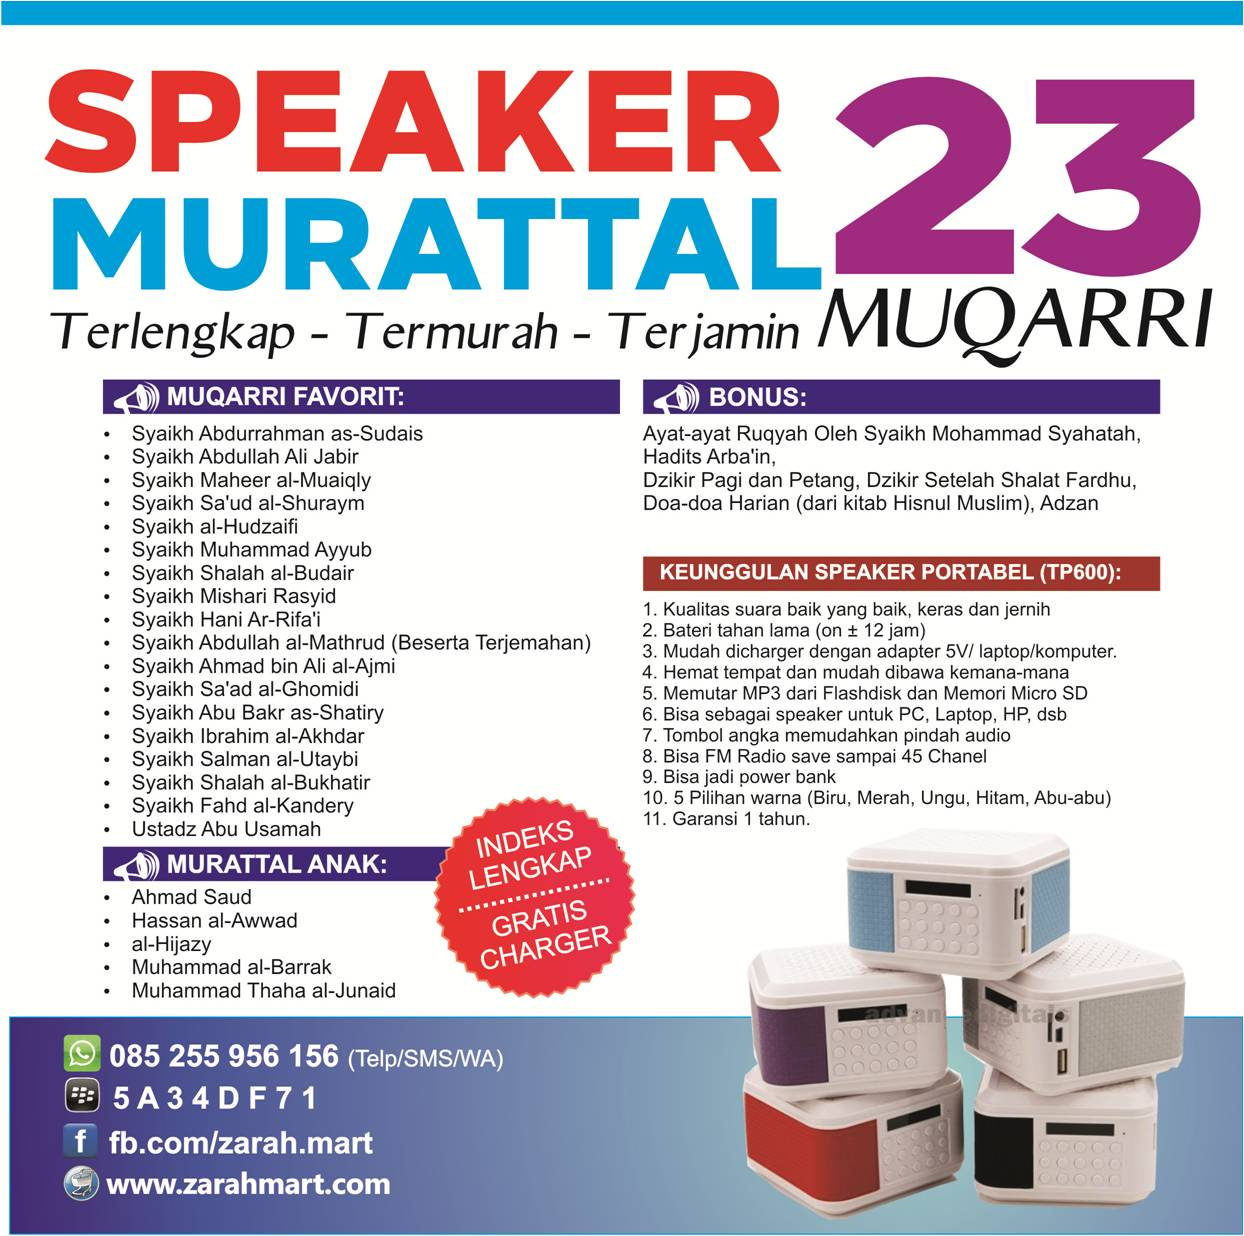 Speaker Murattal 23 Muqarri